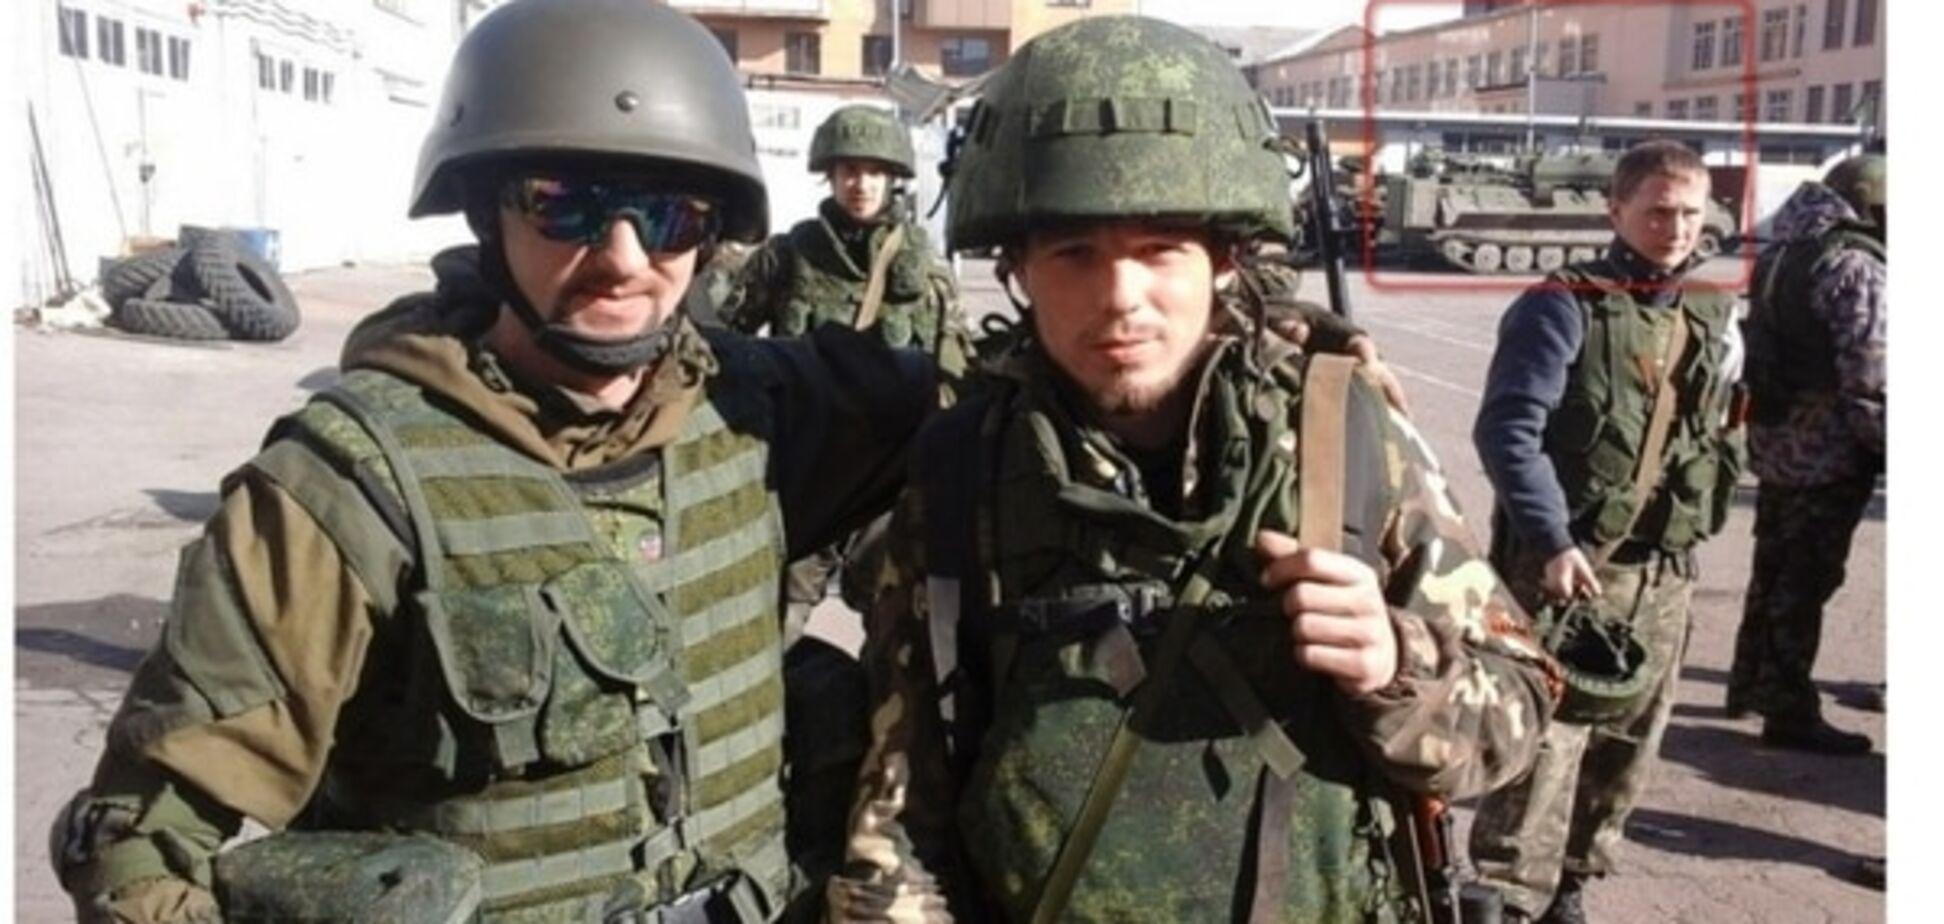 На базе террориста Моторолы обнаружены новейшие российские комплексы: фотофакт